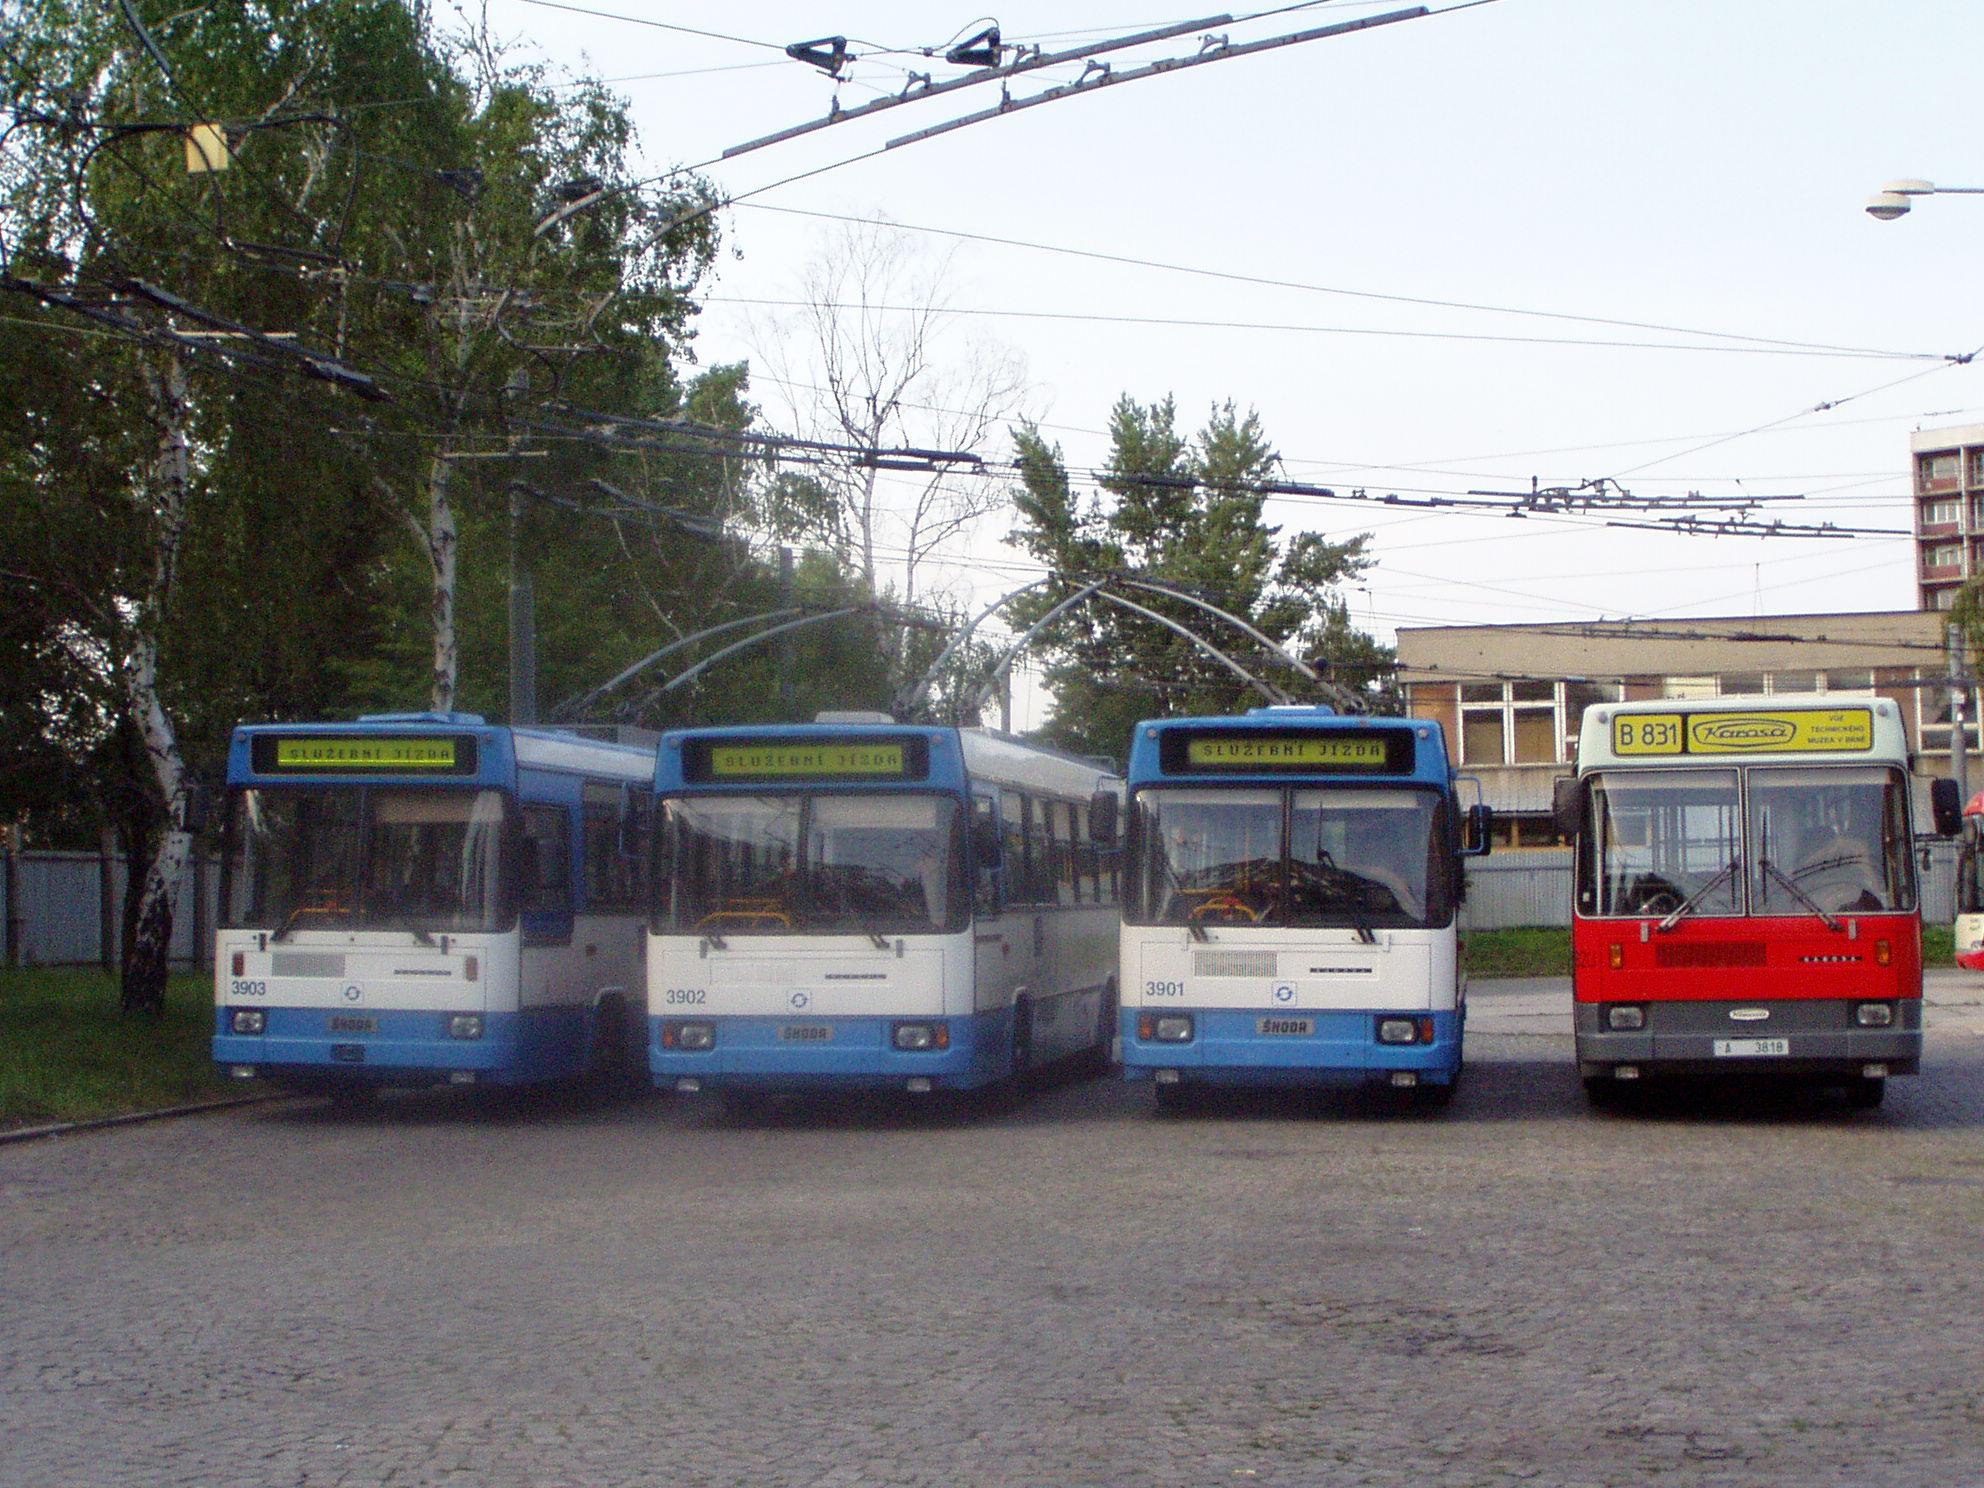 Unikátní setkání všech čtyř dochovaných vozidel unifikované řady 17 Tr/B831 v Ostravě v květnu 2006. Historický autobus pózuje vedle tehdy ještě běžněprovozních vozů Škoda 17 Tr ostravského DP ev. č. 3901 až 3903. (foto: Libor Hinčica)